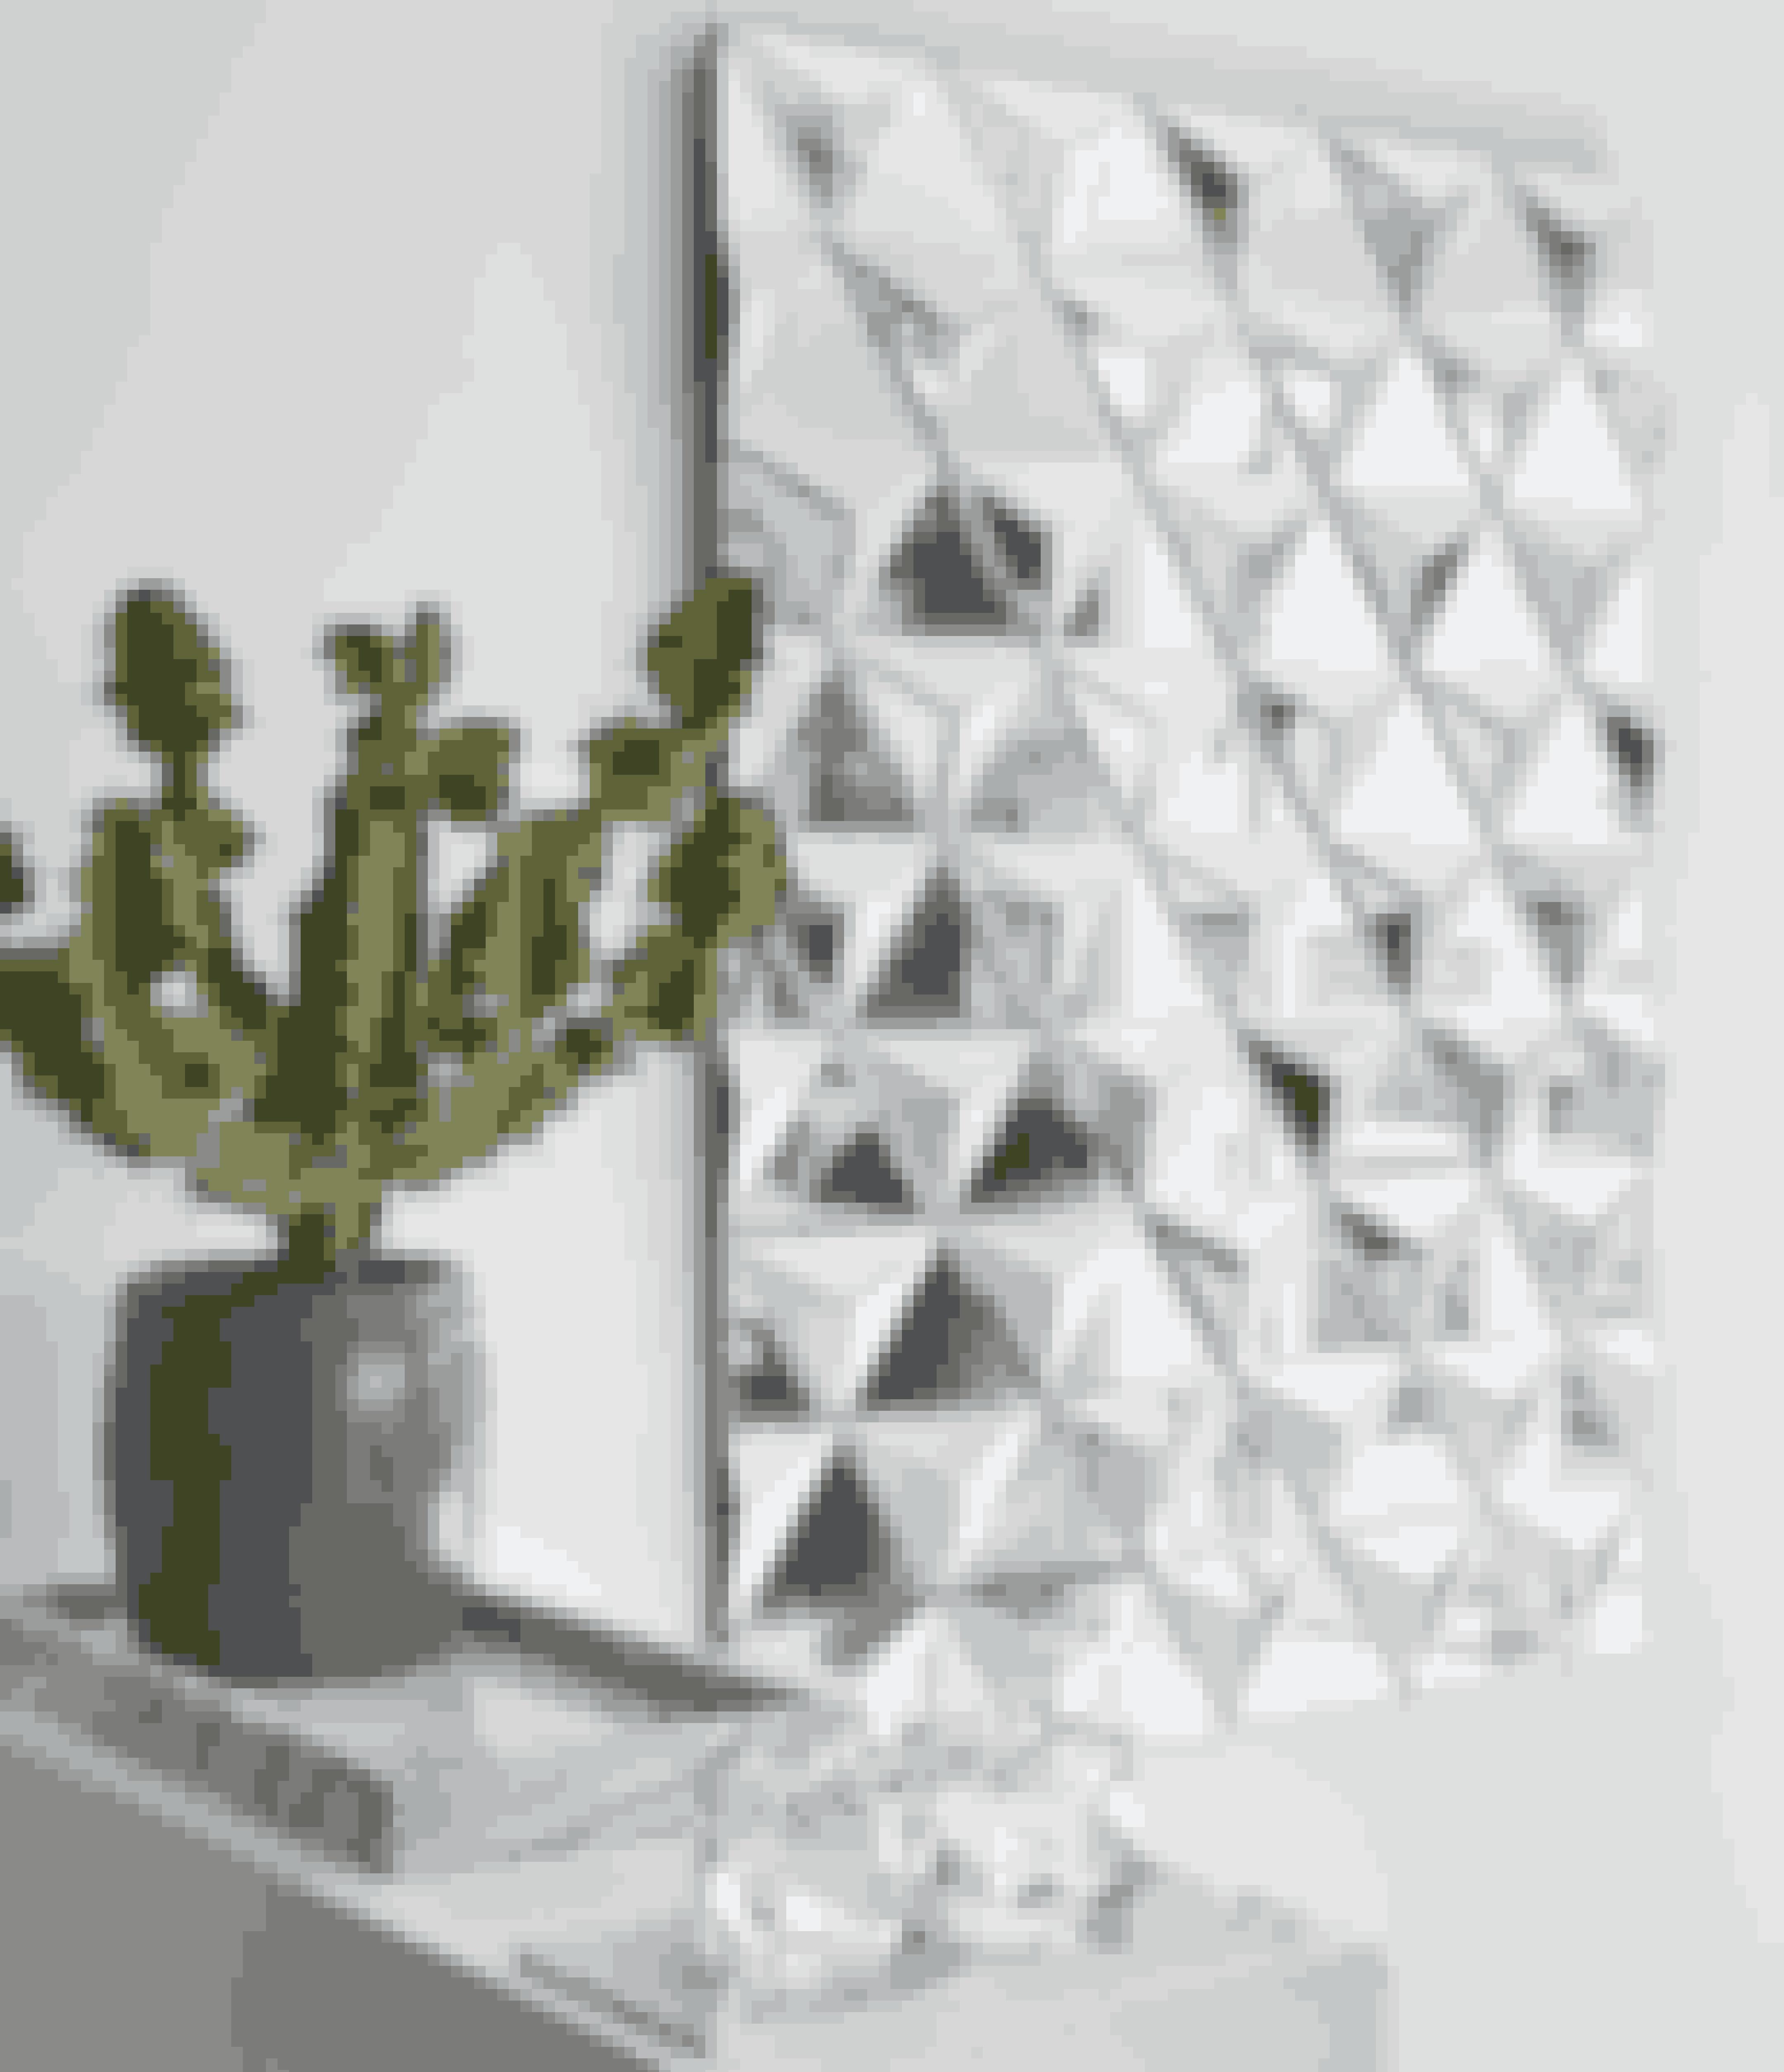 Her bor:Julie Hugau, 37 år, medejer af Reflections Copenhagen, hendes mand Frederik Hugau Raunstrup, 38 år, sammen med deres to børn.Bolig:Hus på 110 kvadratmeter bygget i 1880 som tobaksbutik og fabrik.Stil:Skandinavisk, minimalistisk art deco.